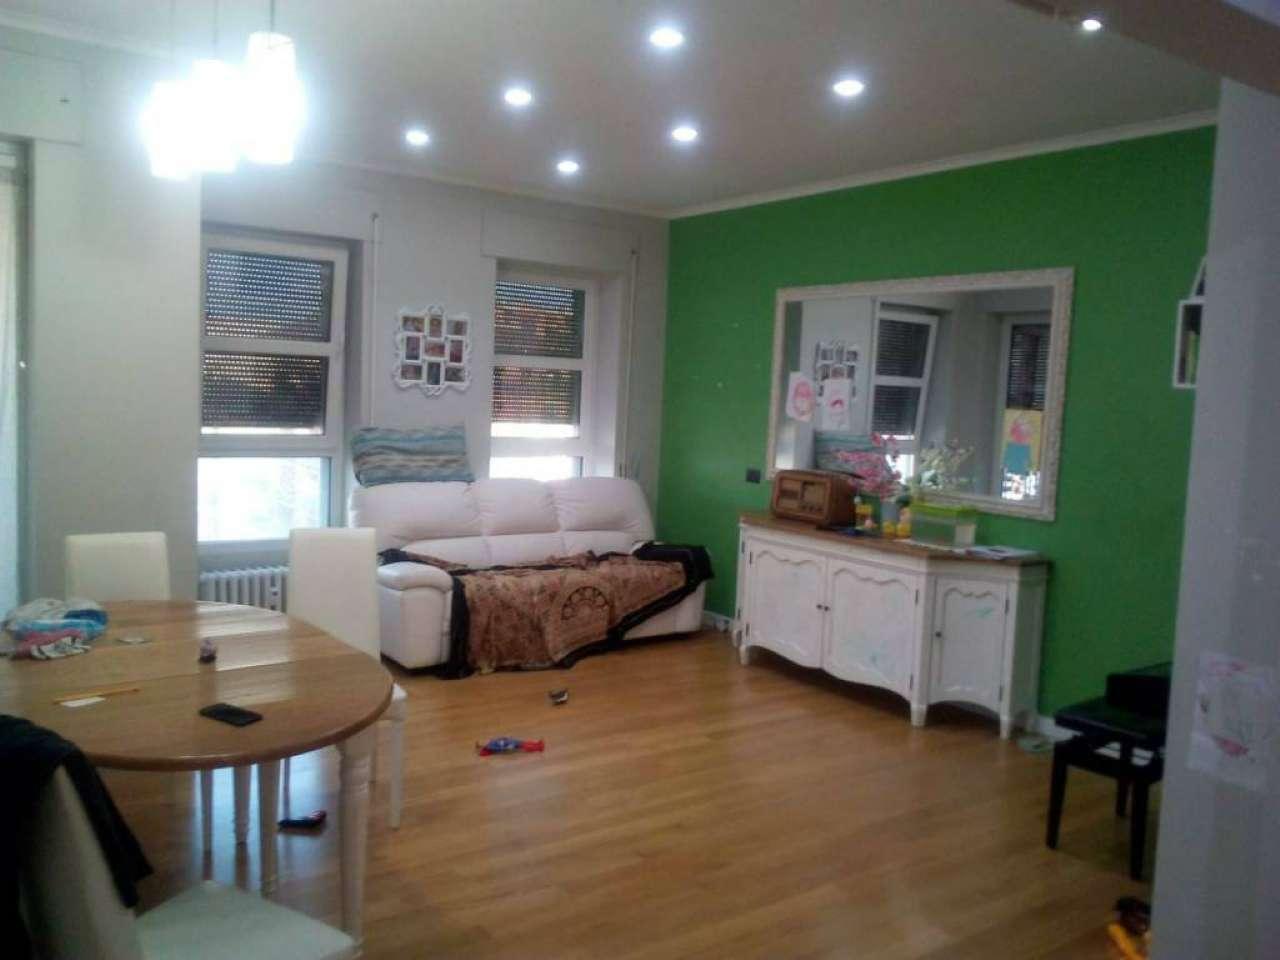 Appartamento in vendita a Roma, 5 locali, zona Zona: 3 . Trieste - Somalia - Salario, prezzo € 589.000 | CambioCasa.it